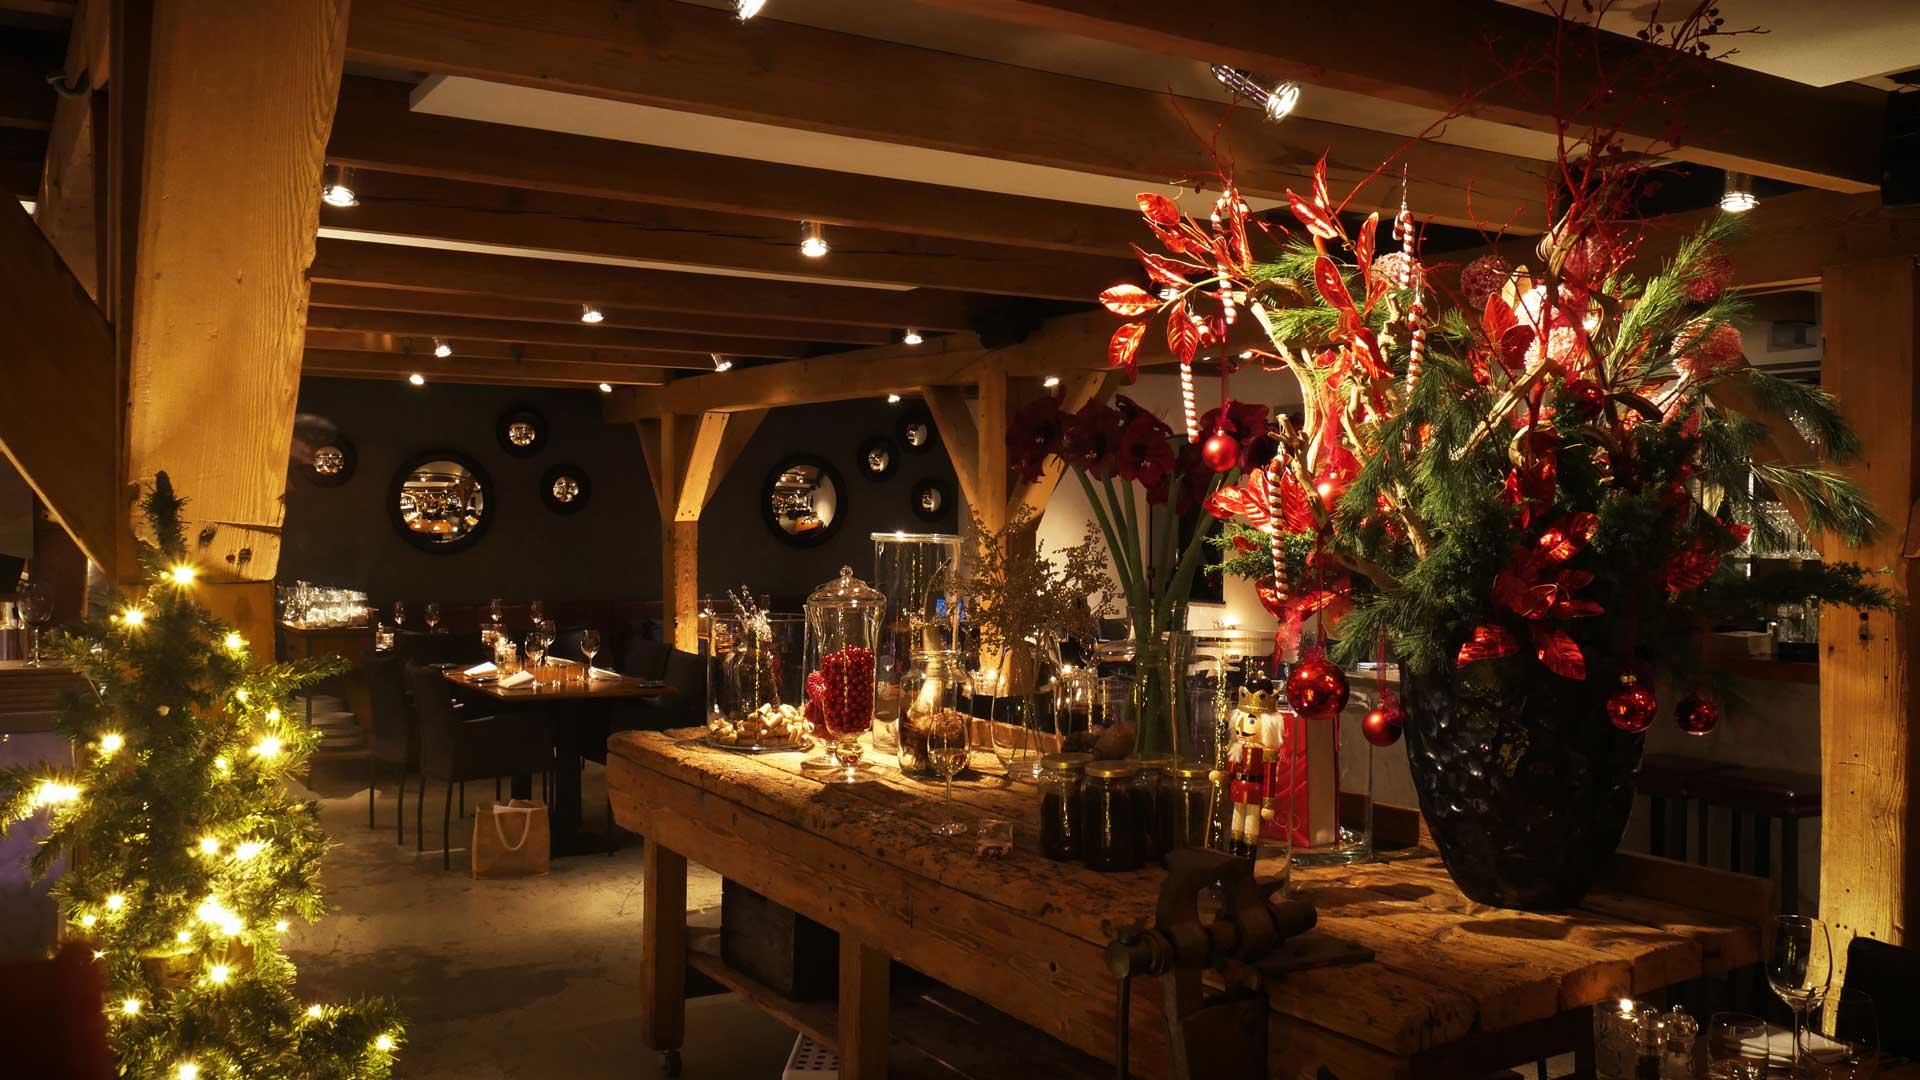 Bavette-in-kerstsfeer-arrangementen-voor-groepen